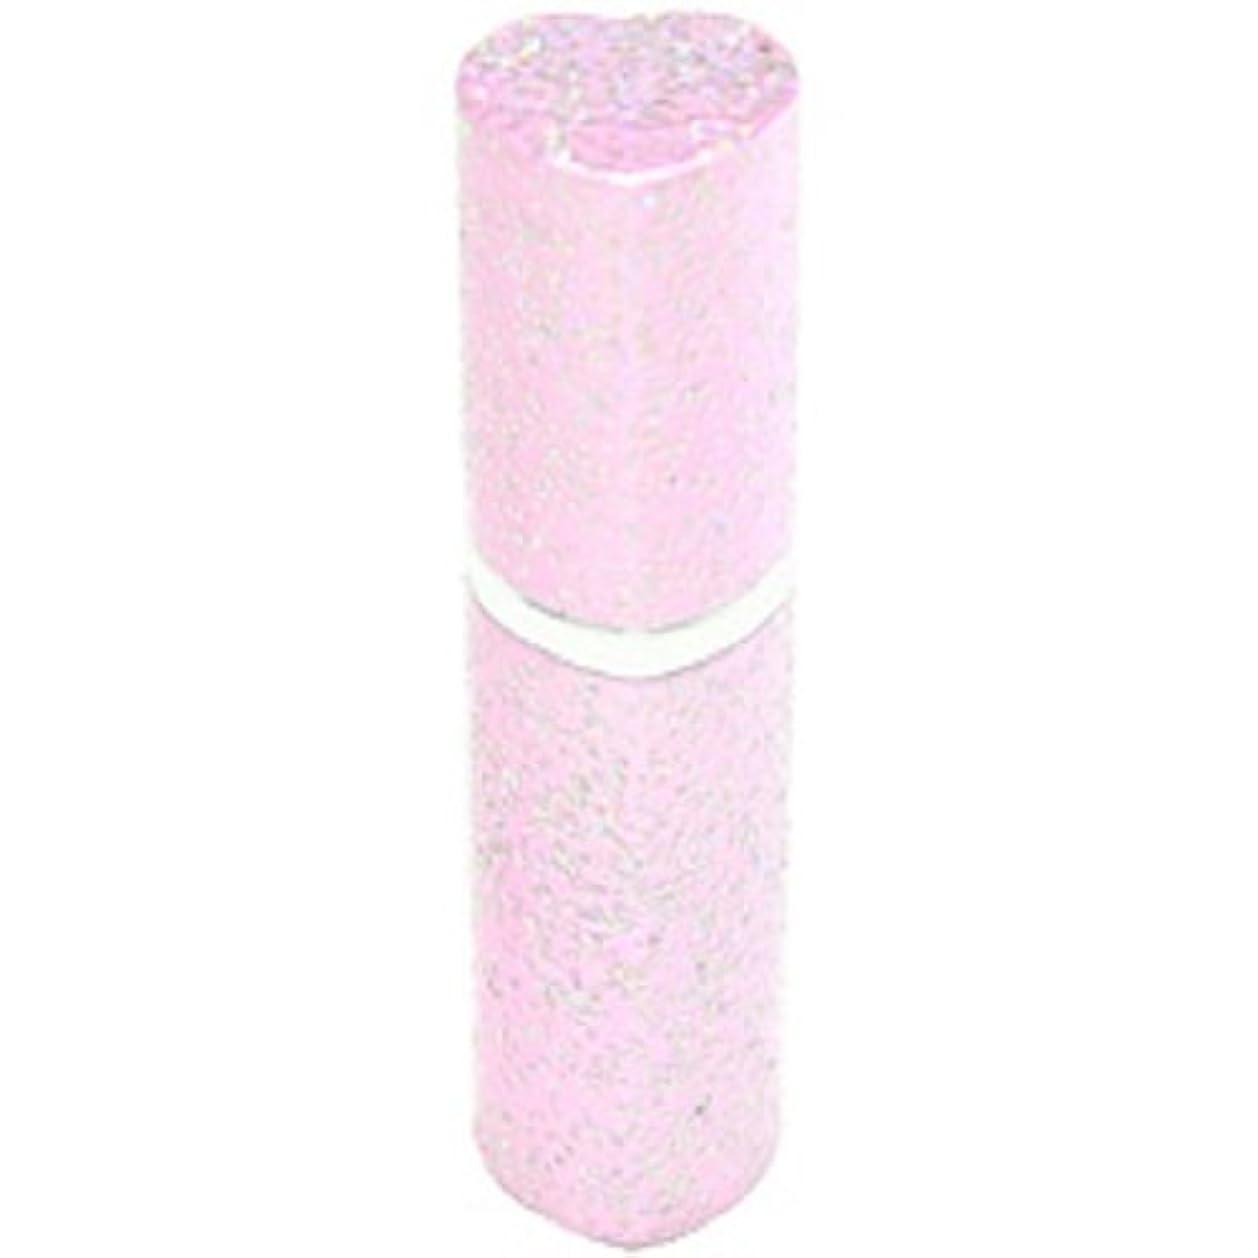 融合あいさつ配るアトマイザー ラメハート ピンク 3ml 香水入れ